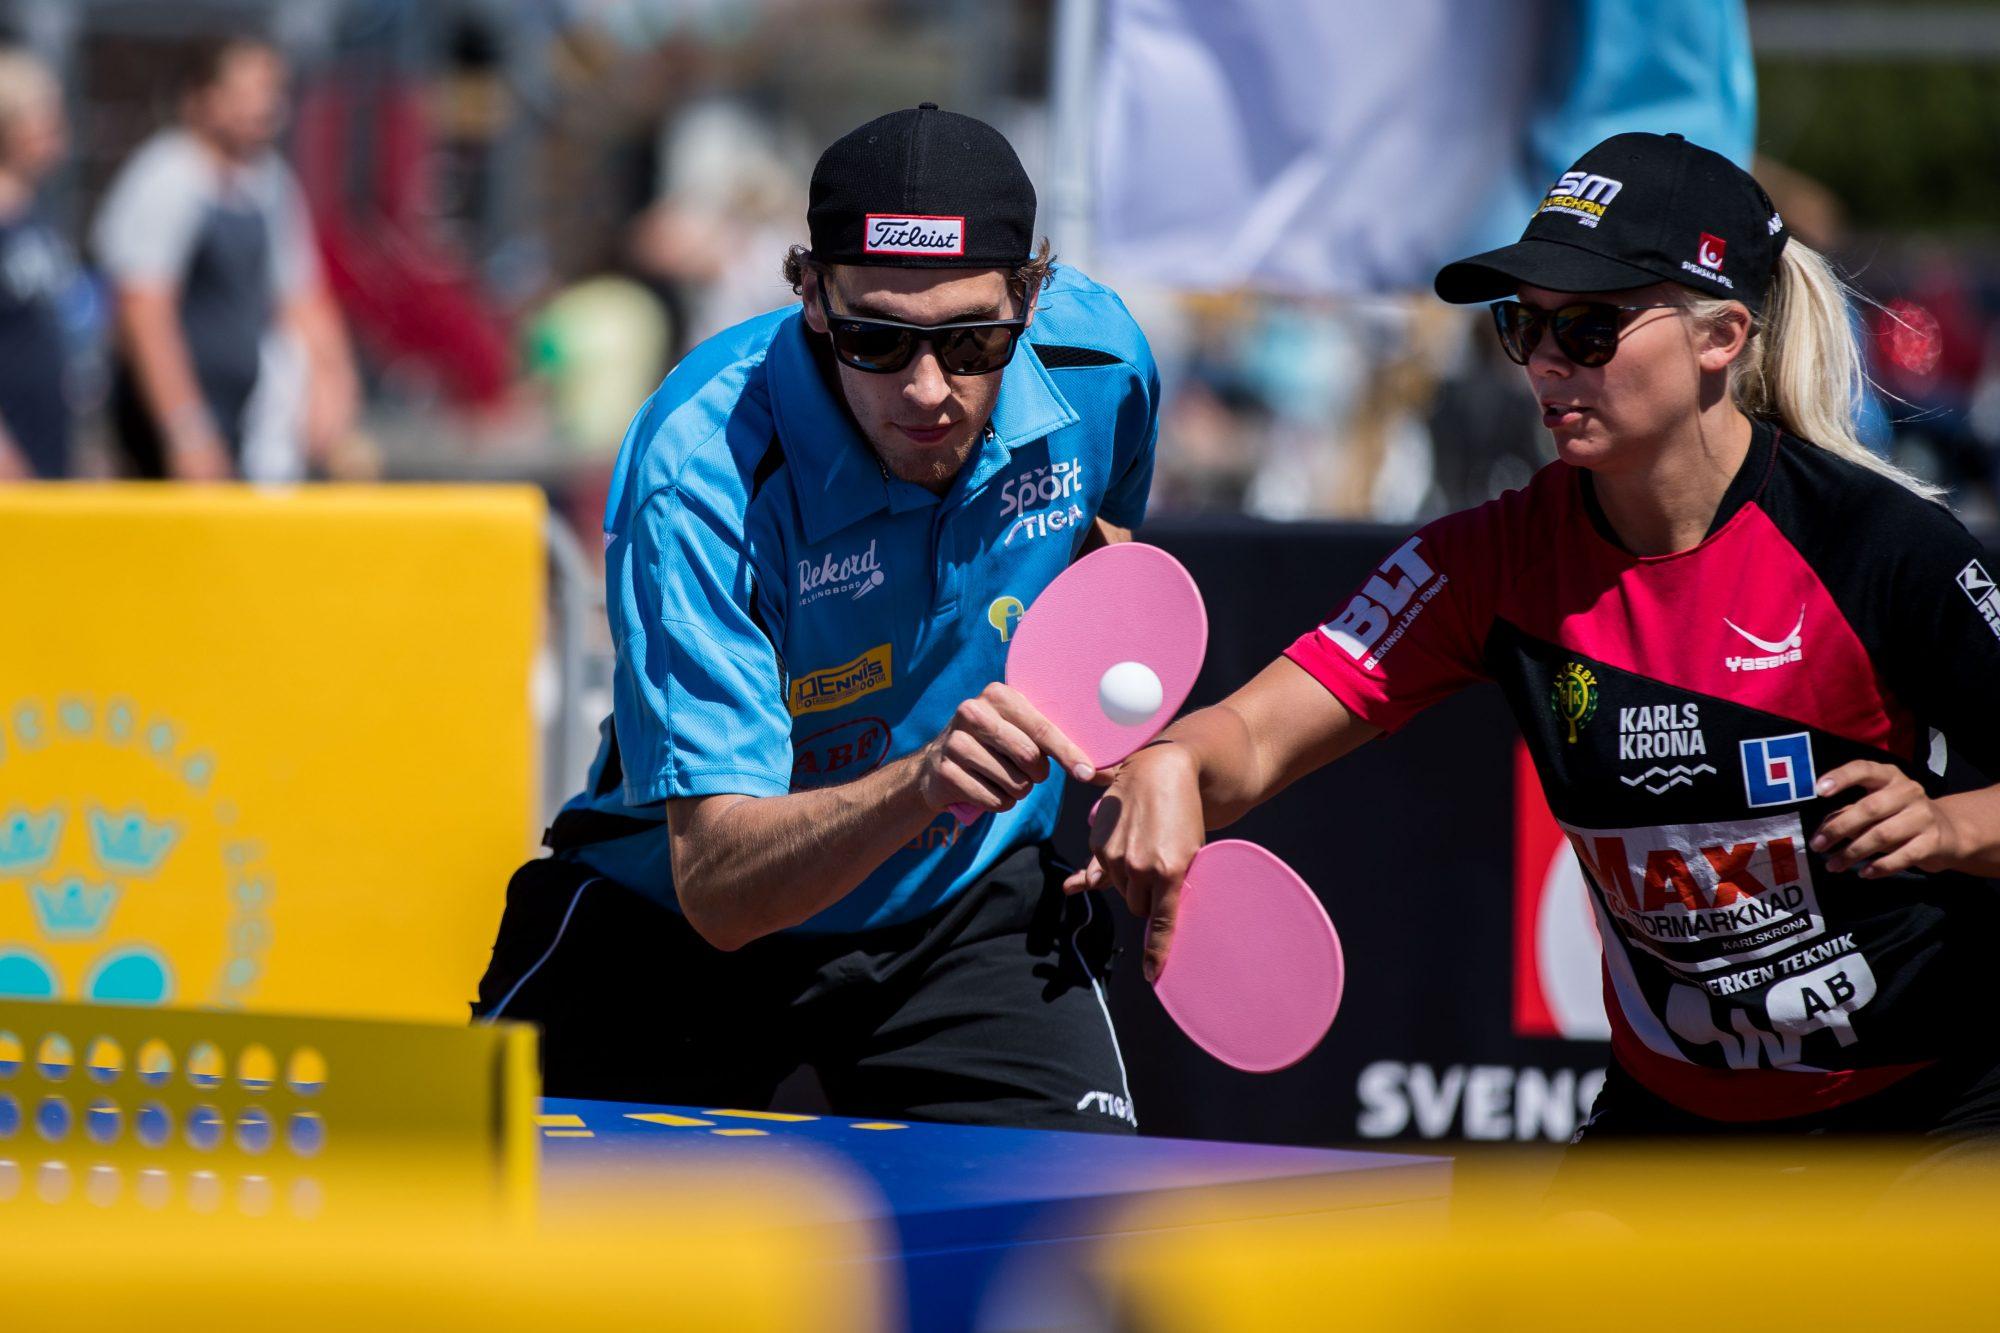 Ulrik Johannesson, BTK Rekord, och Sofia Erkheikki, Halmstad BTK, tävlar i mixed dubbel i bordtennis TTX under dag 2 av SM-veckan den 3 juli 2018 i Helsingborg/Landskrona.